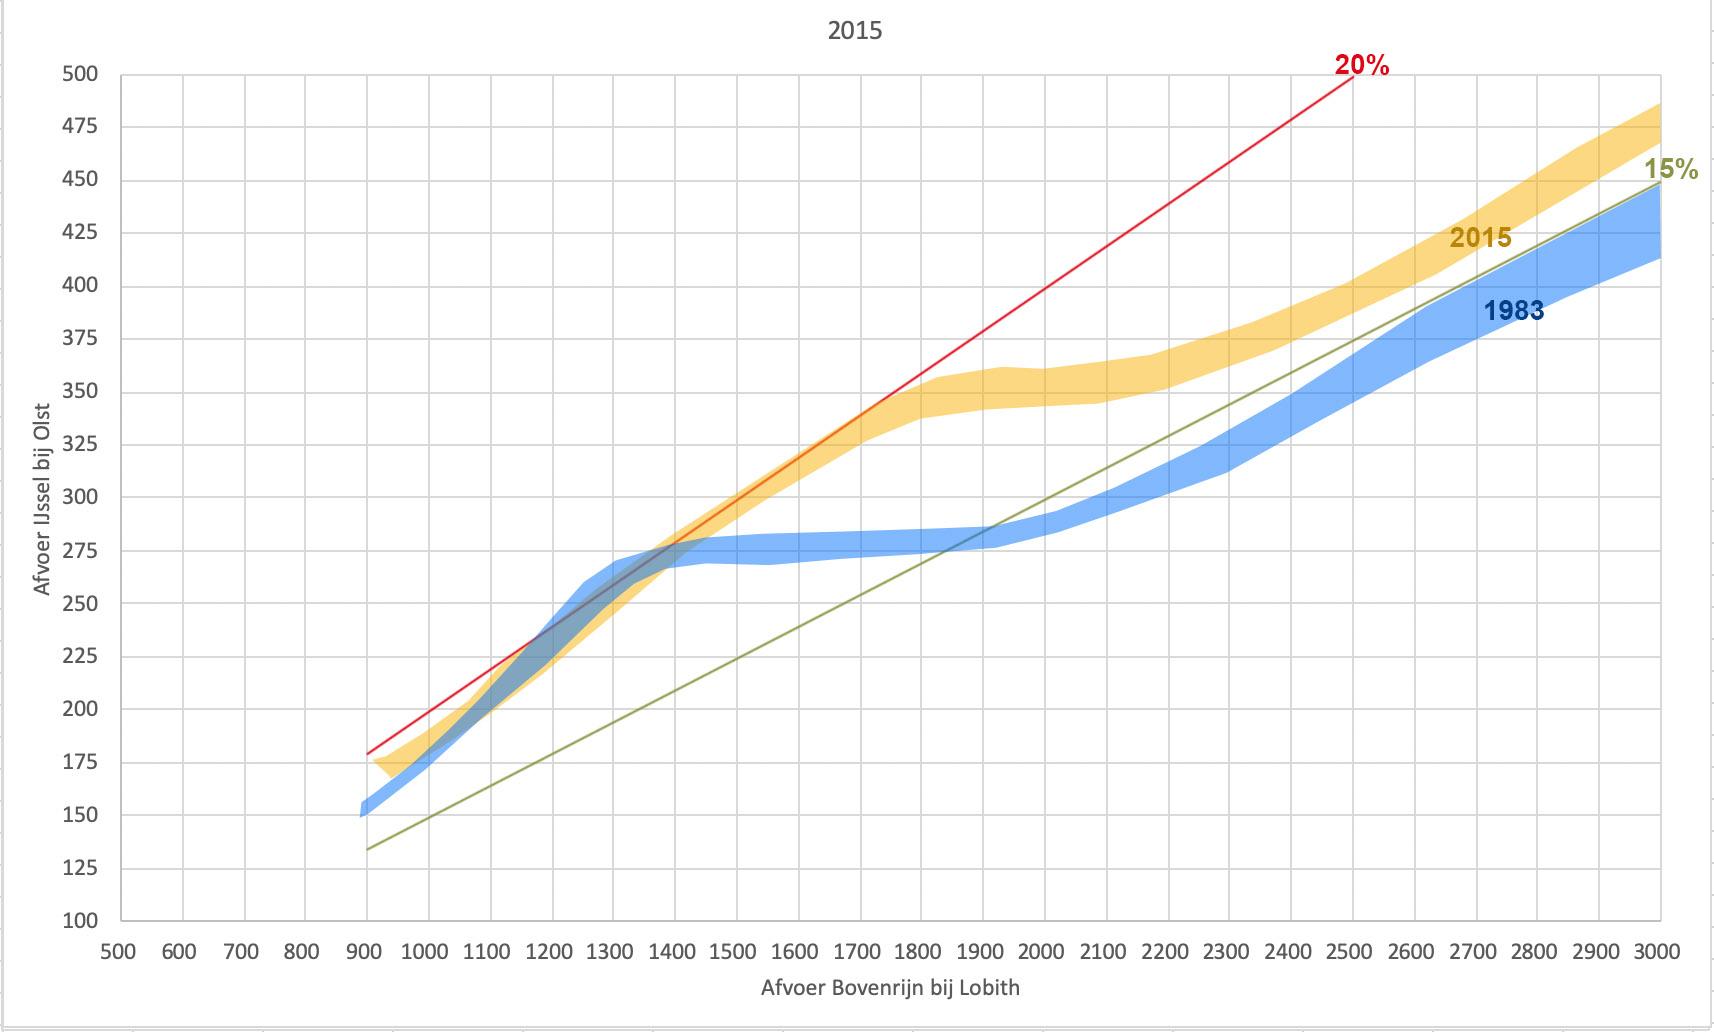 Range waar binnen de hoofdmoot van de punten ligt uit de voorgaande figuren. In blauw de situatie in 1983, in oranje de situatie in 2015.